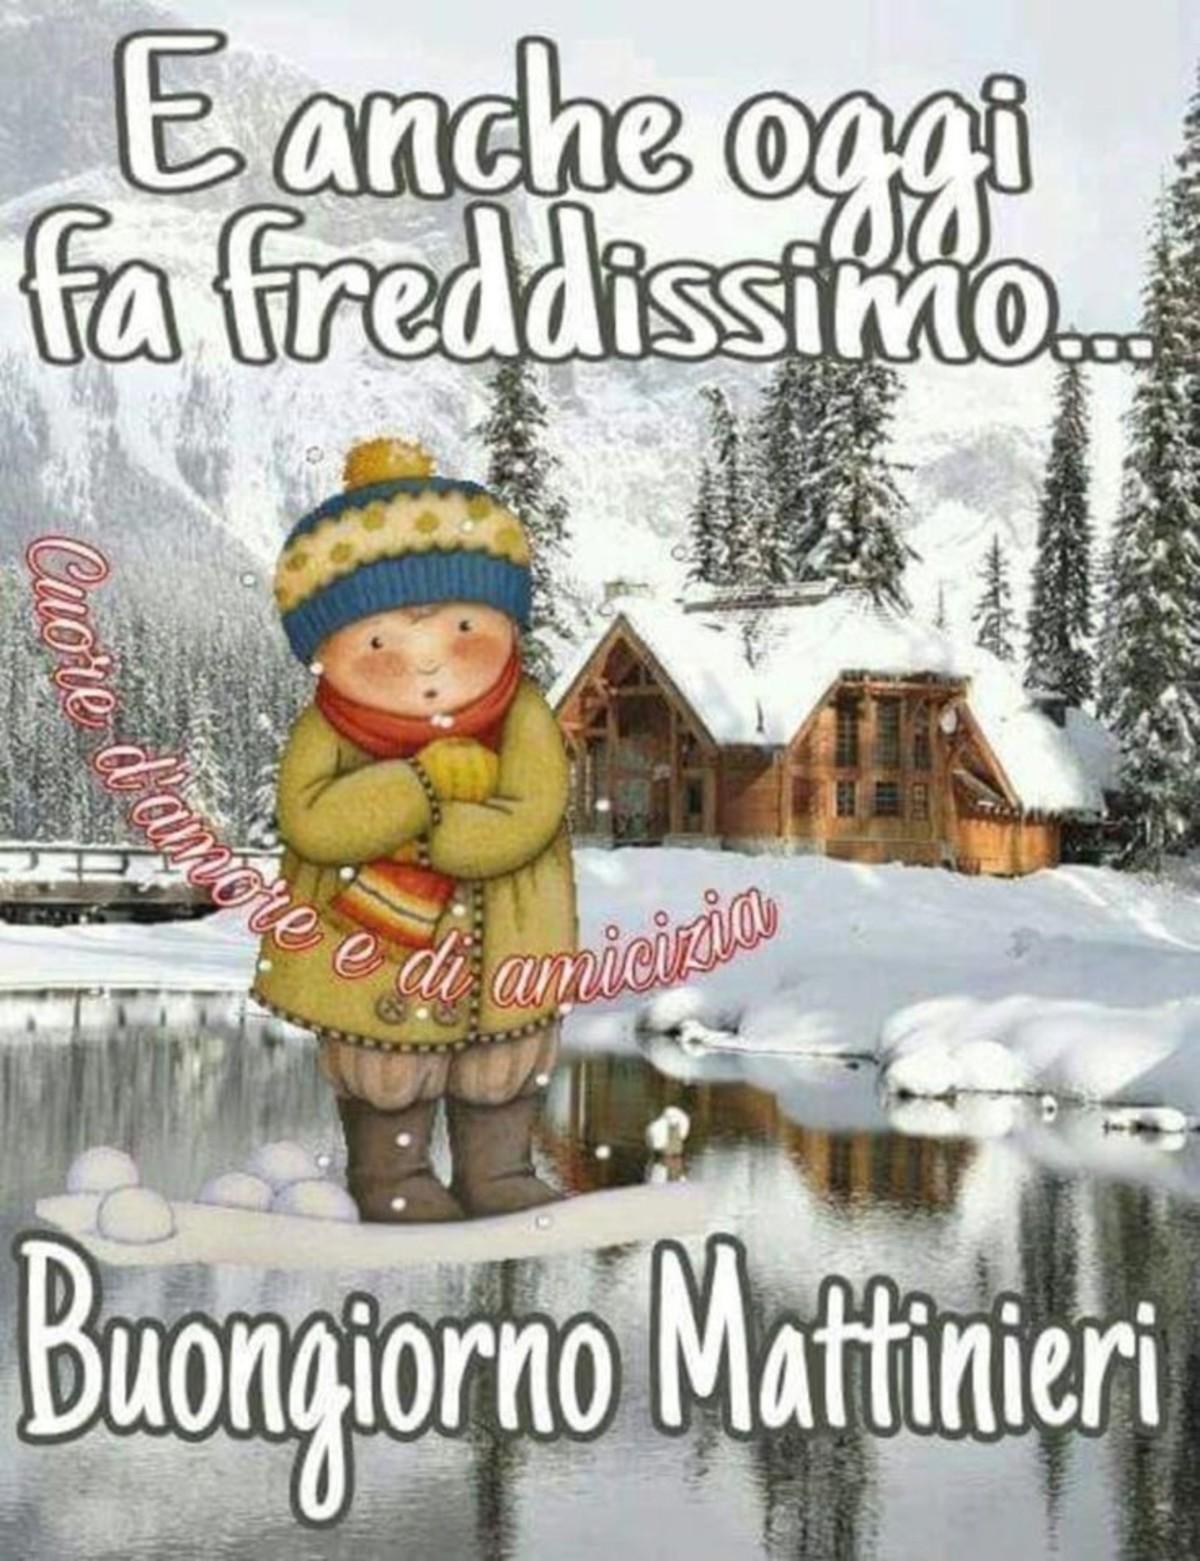 Foto Buongiorno Con La Neve.Buongiorno Con La Neve 6 Buongiornoate It